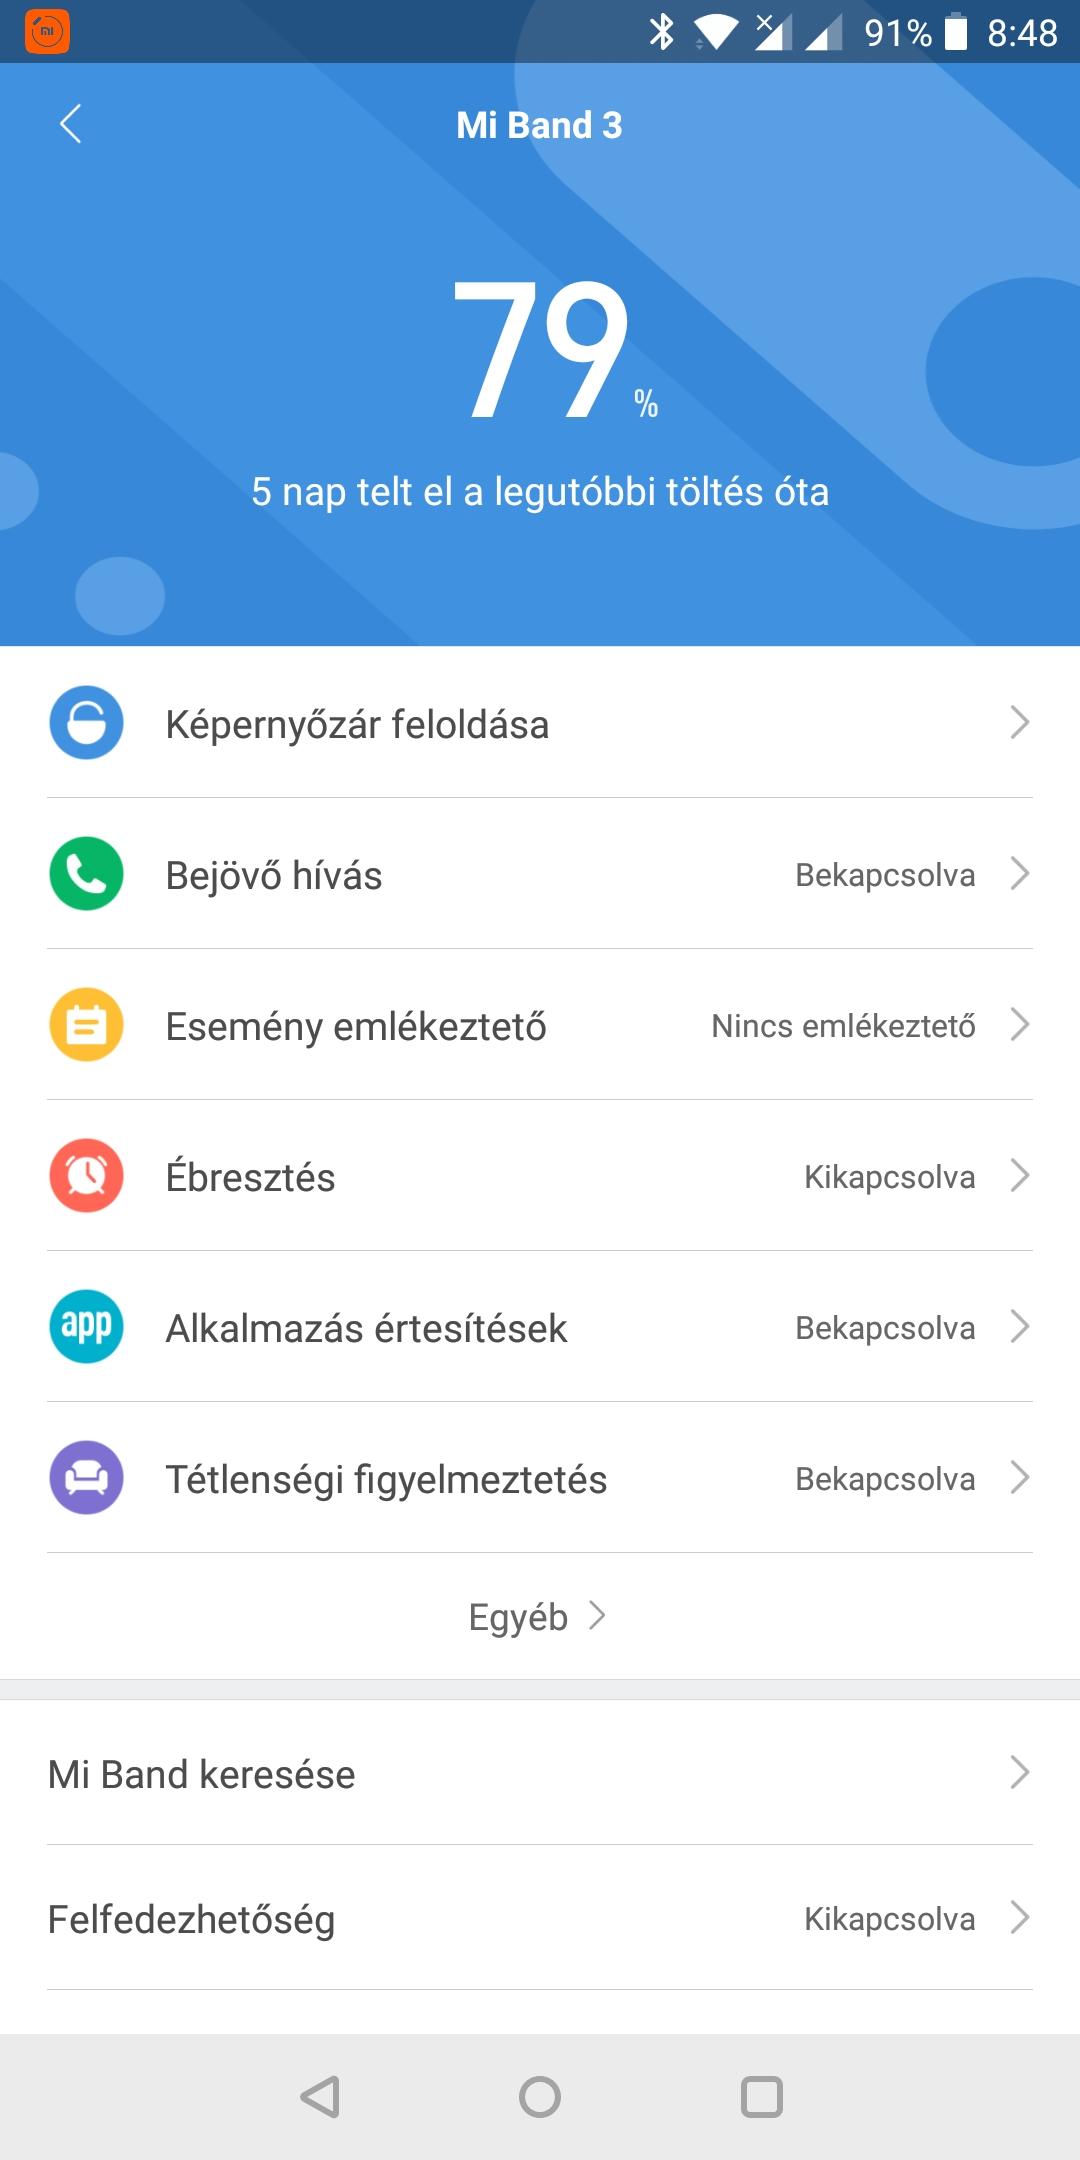 screenshot_20180702-084806.jpg